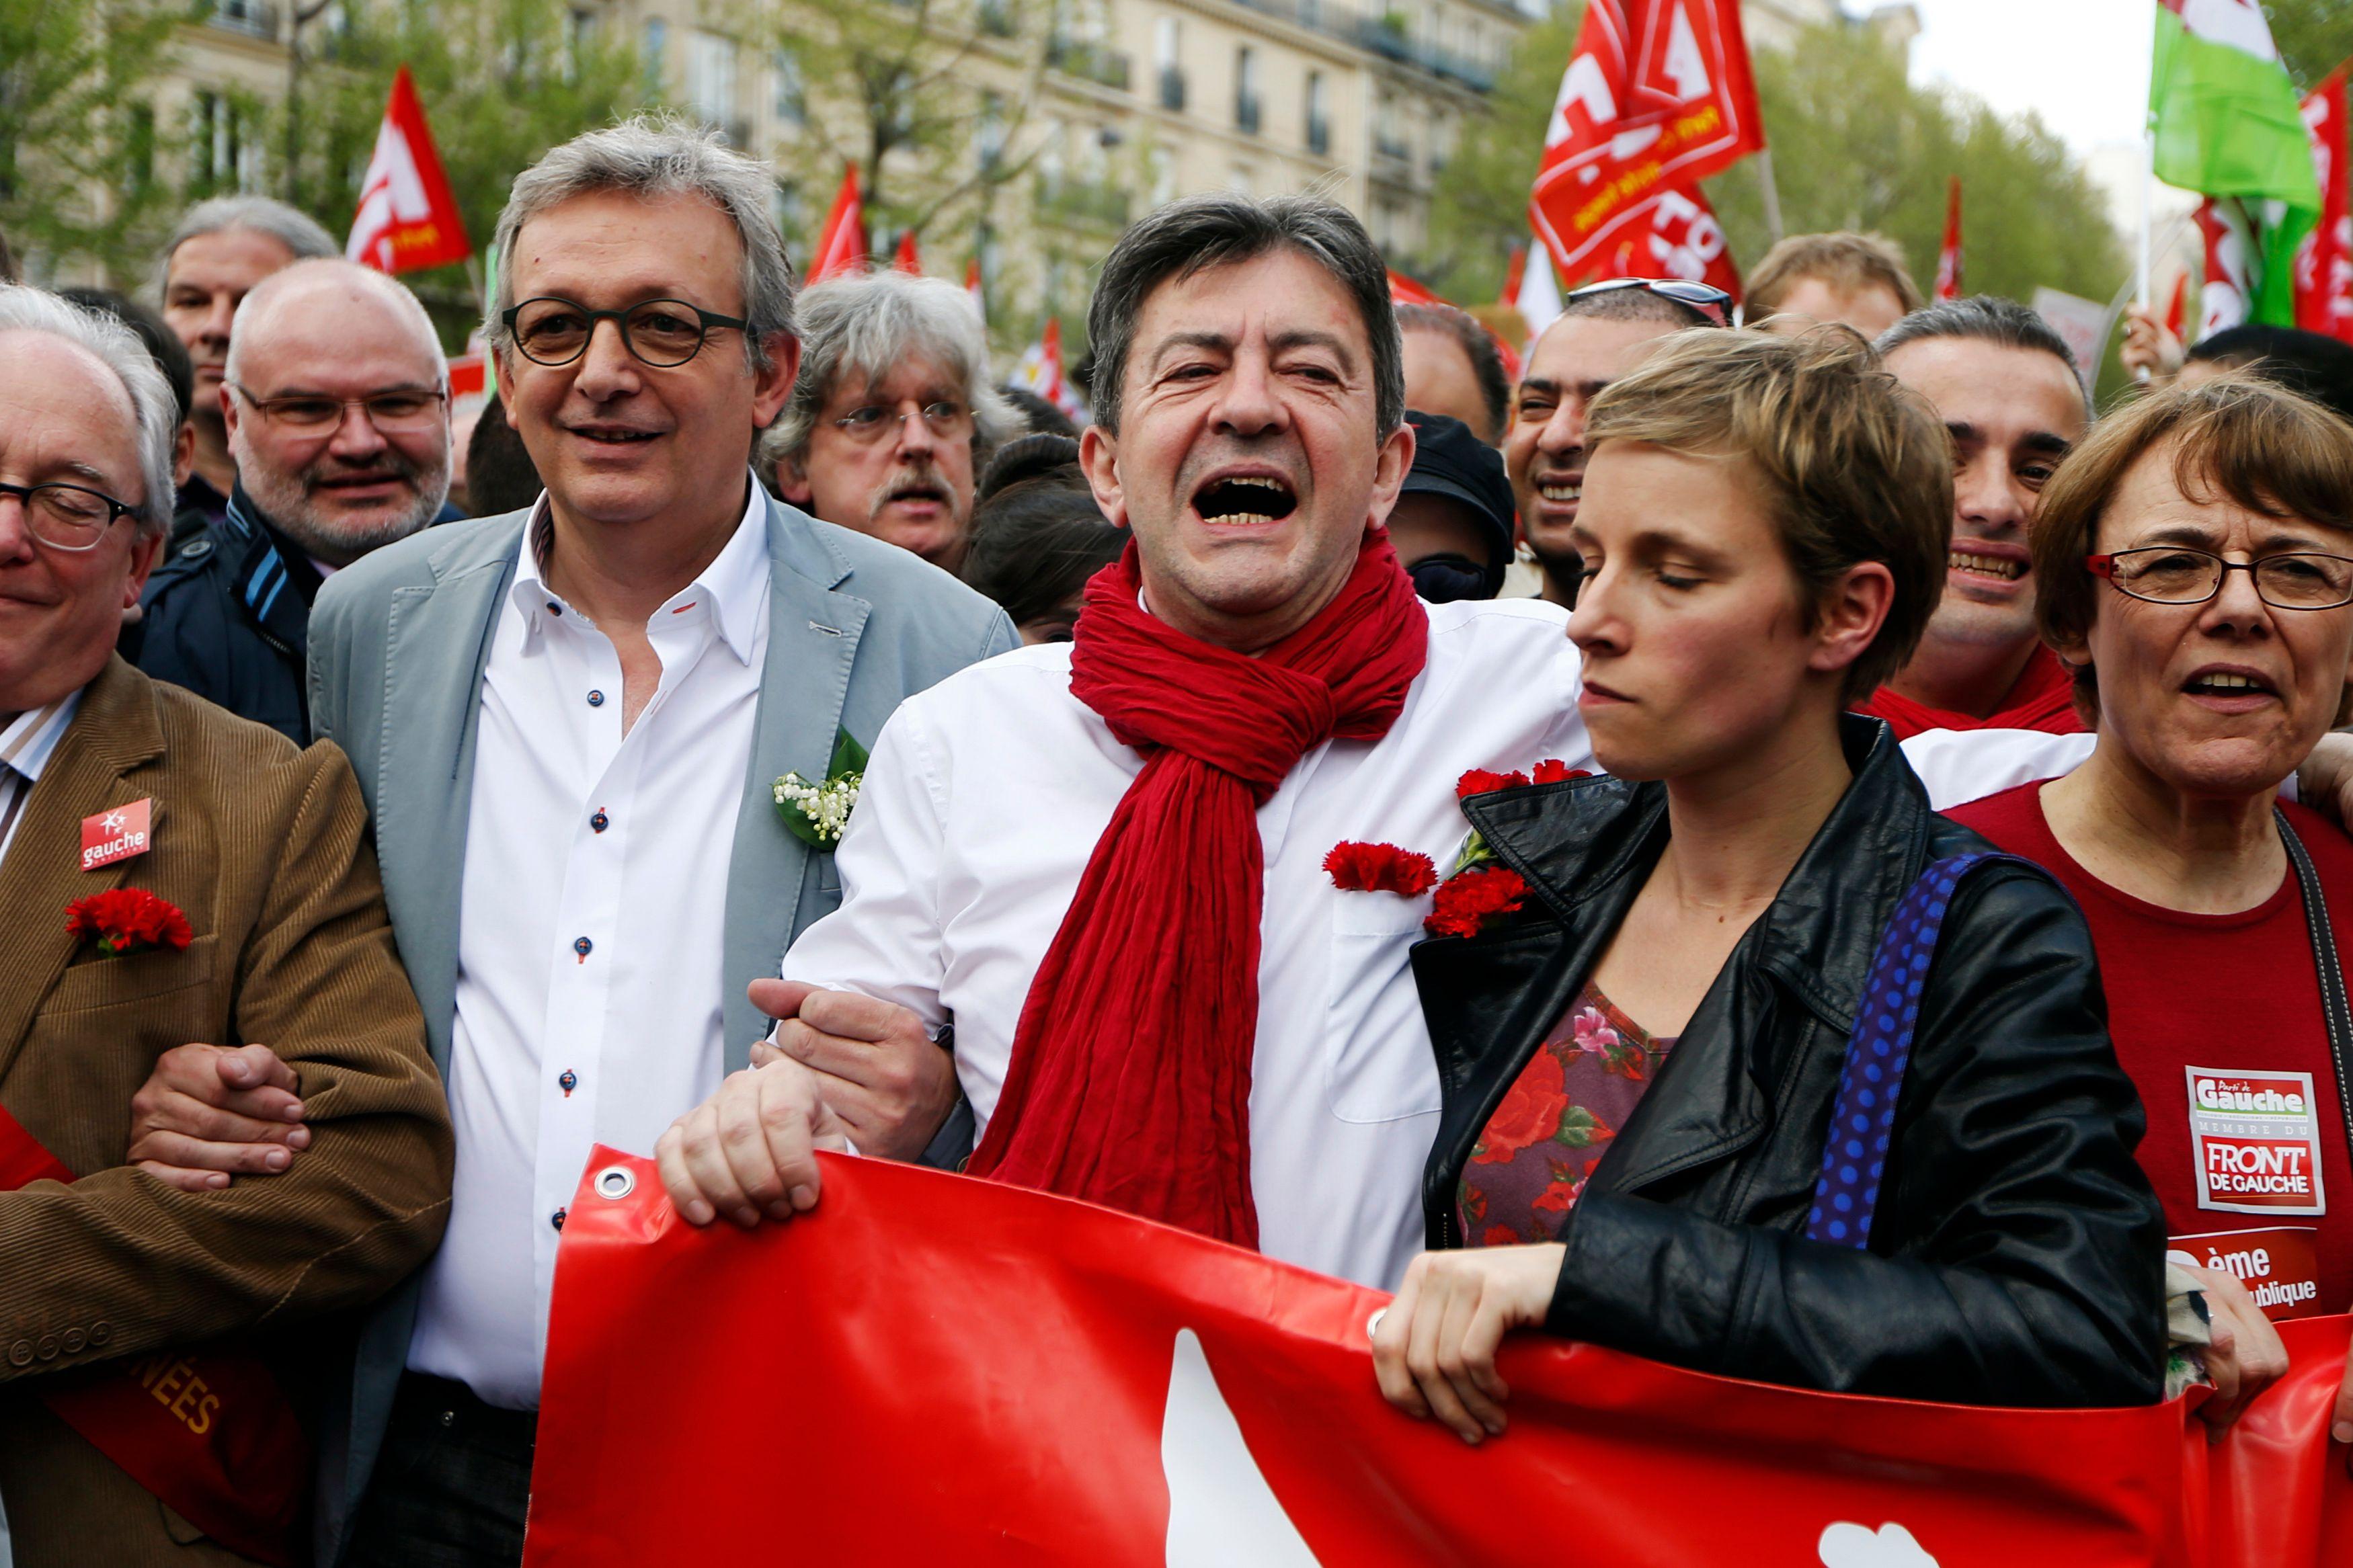 2017 : Pierre Laurent choisit Jean-Luc Mélenchon